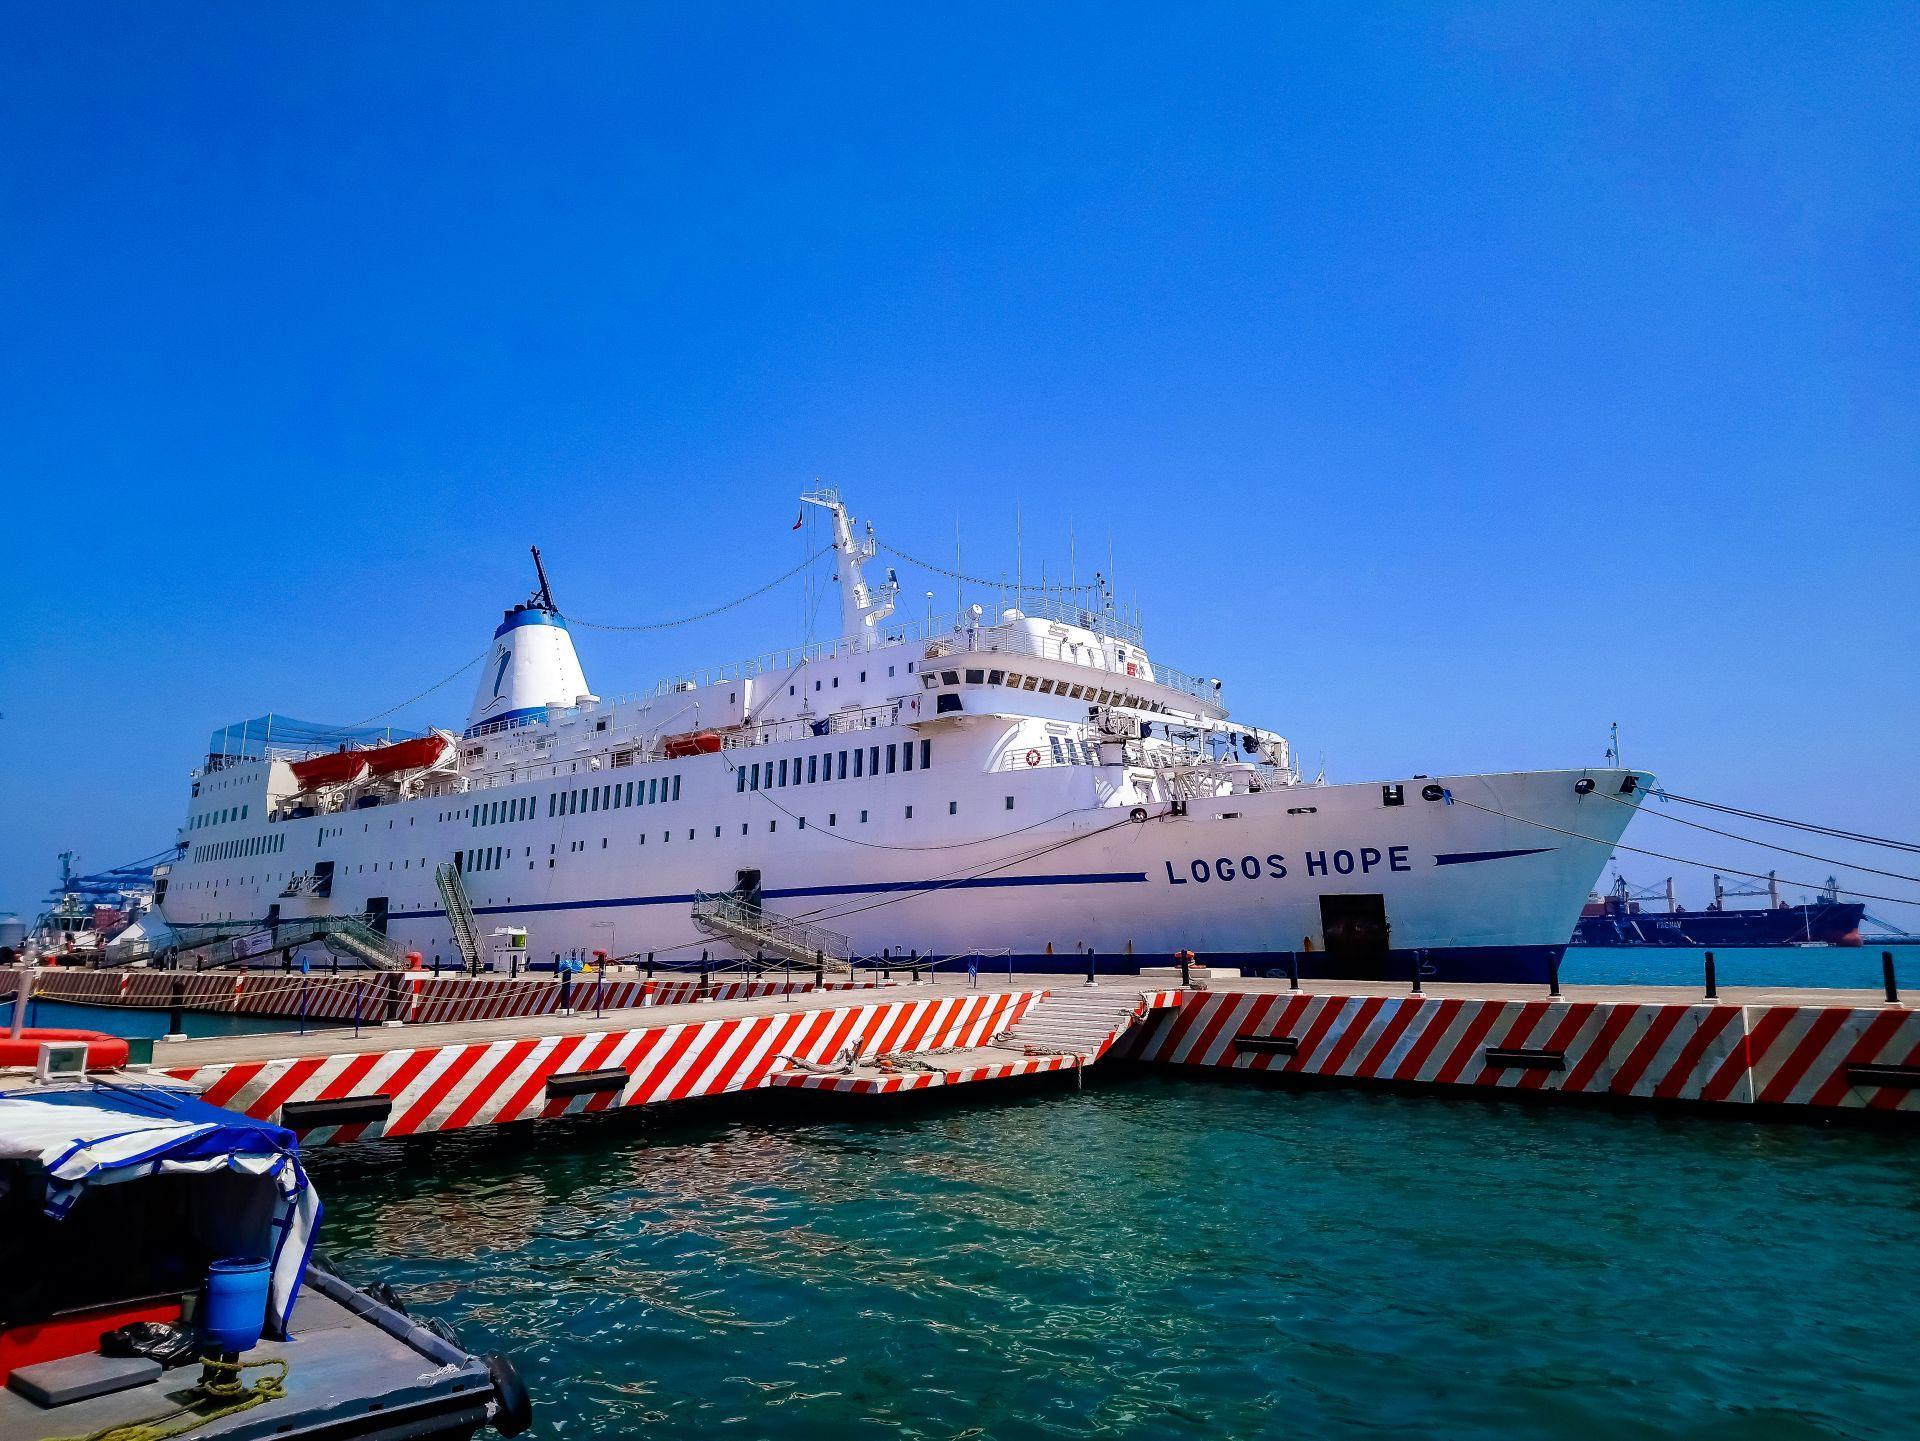 Vista general de la mayor librería flotante atracado en el puerto de Veracruz